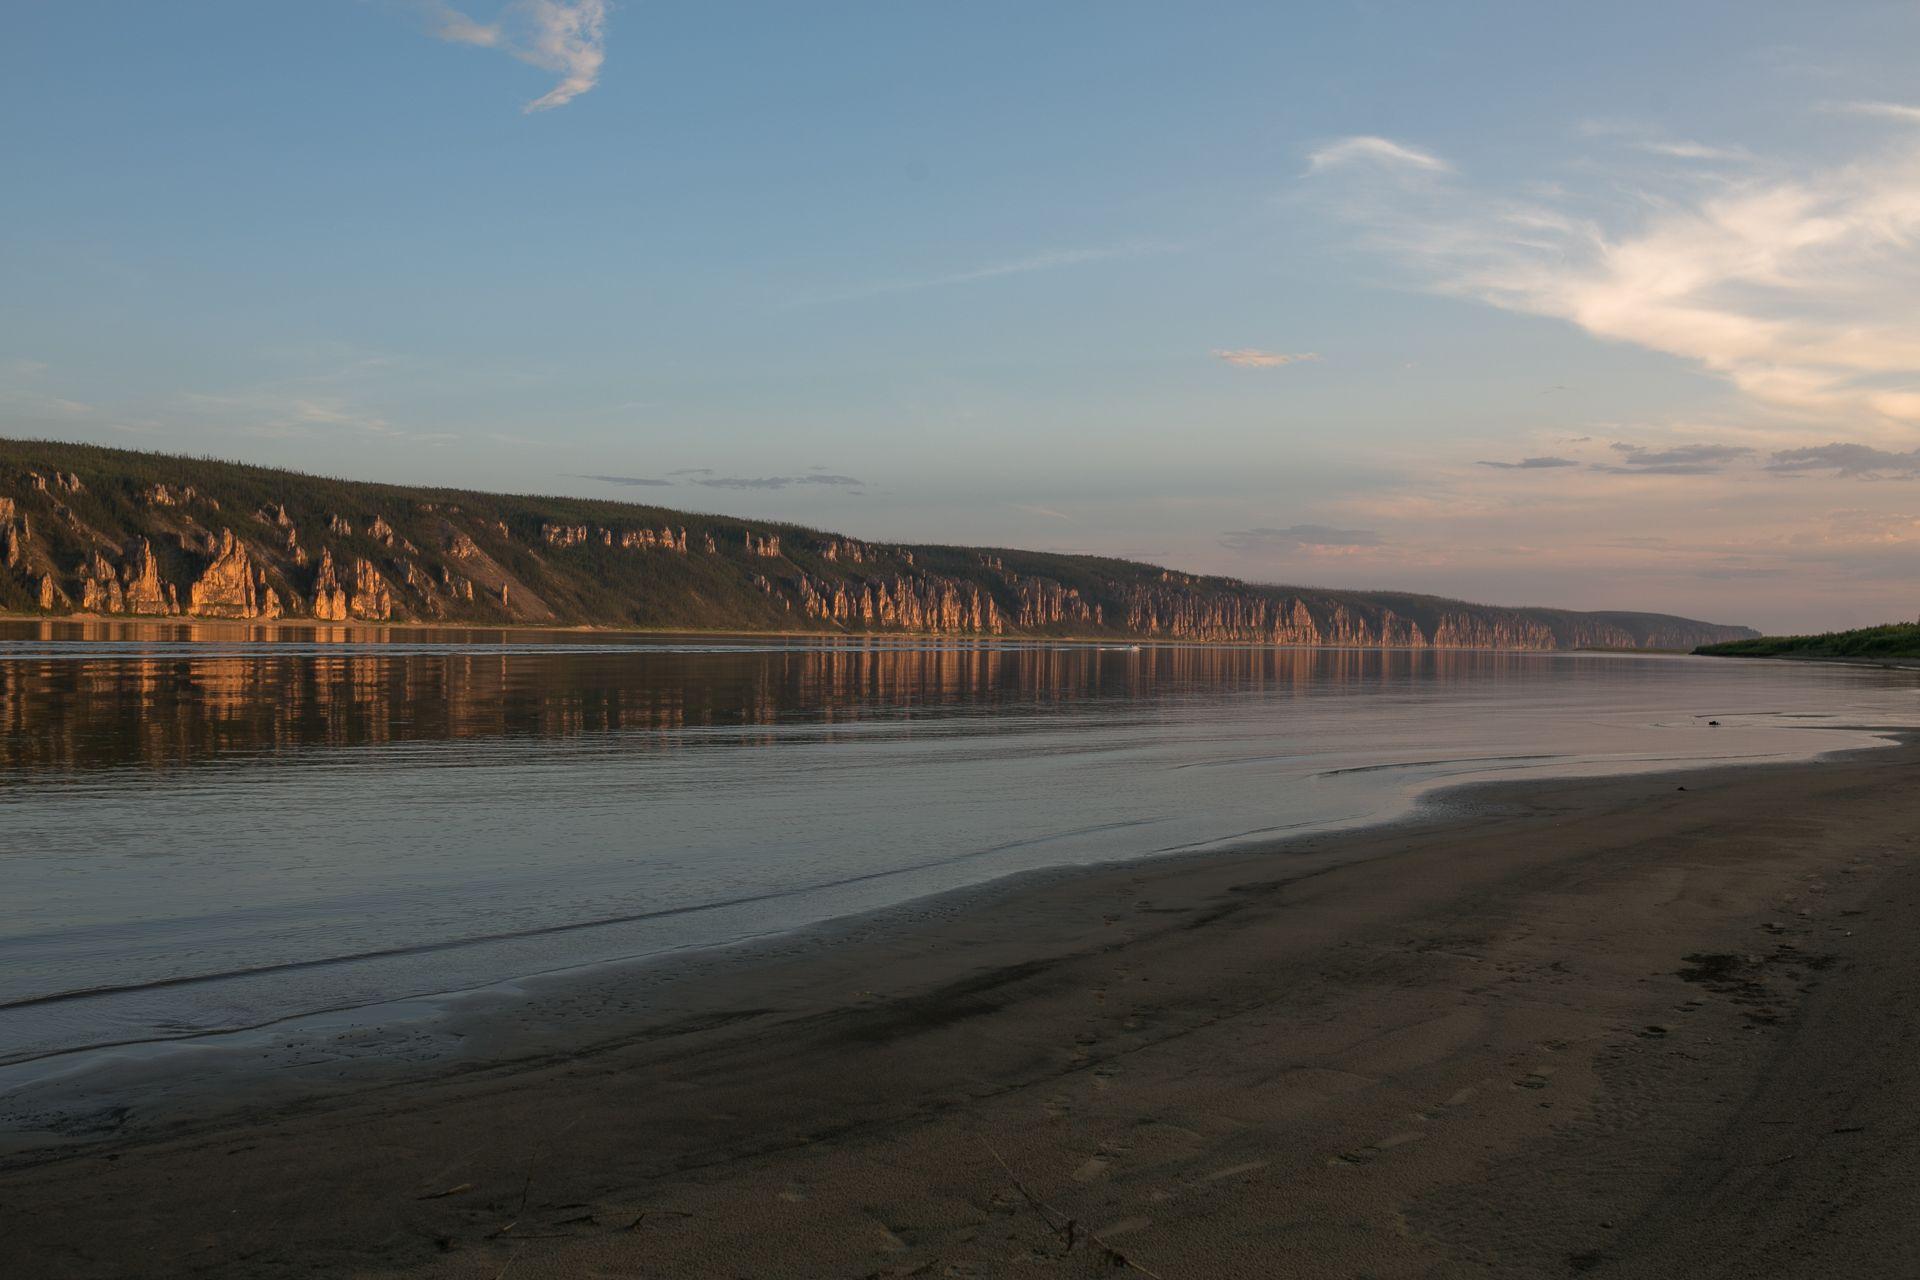 Рост уровня воды на Лене ожидается на участке Покровск-Табага в Якутии